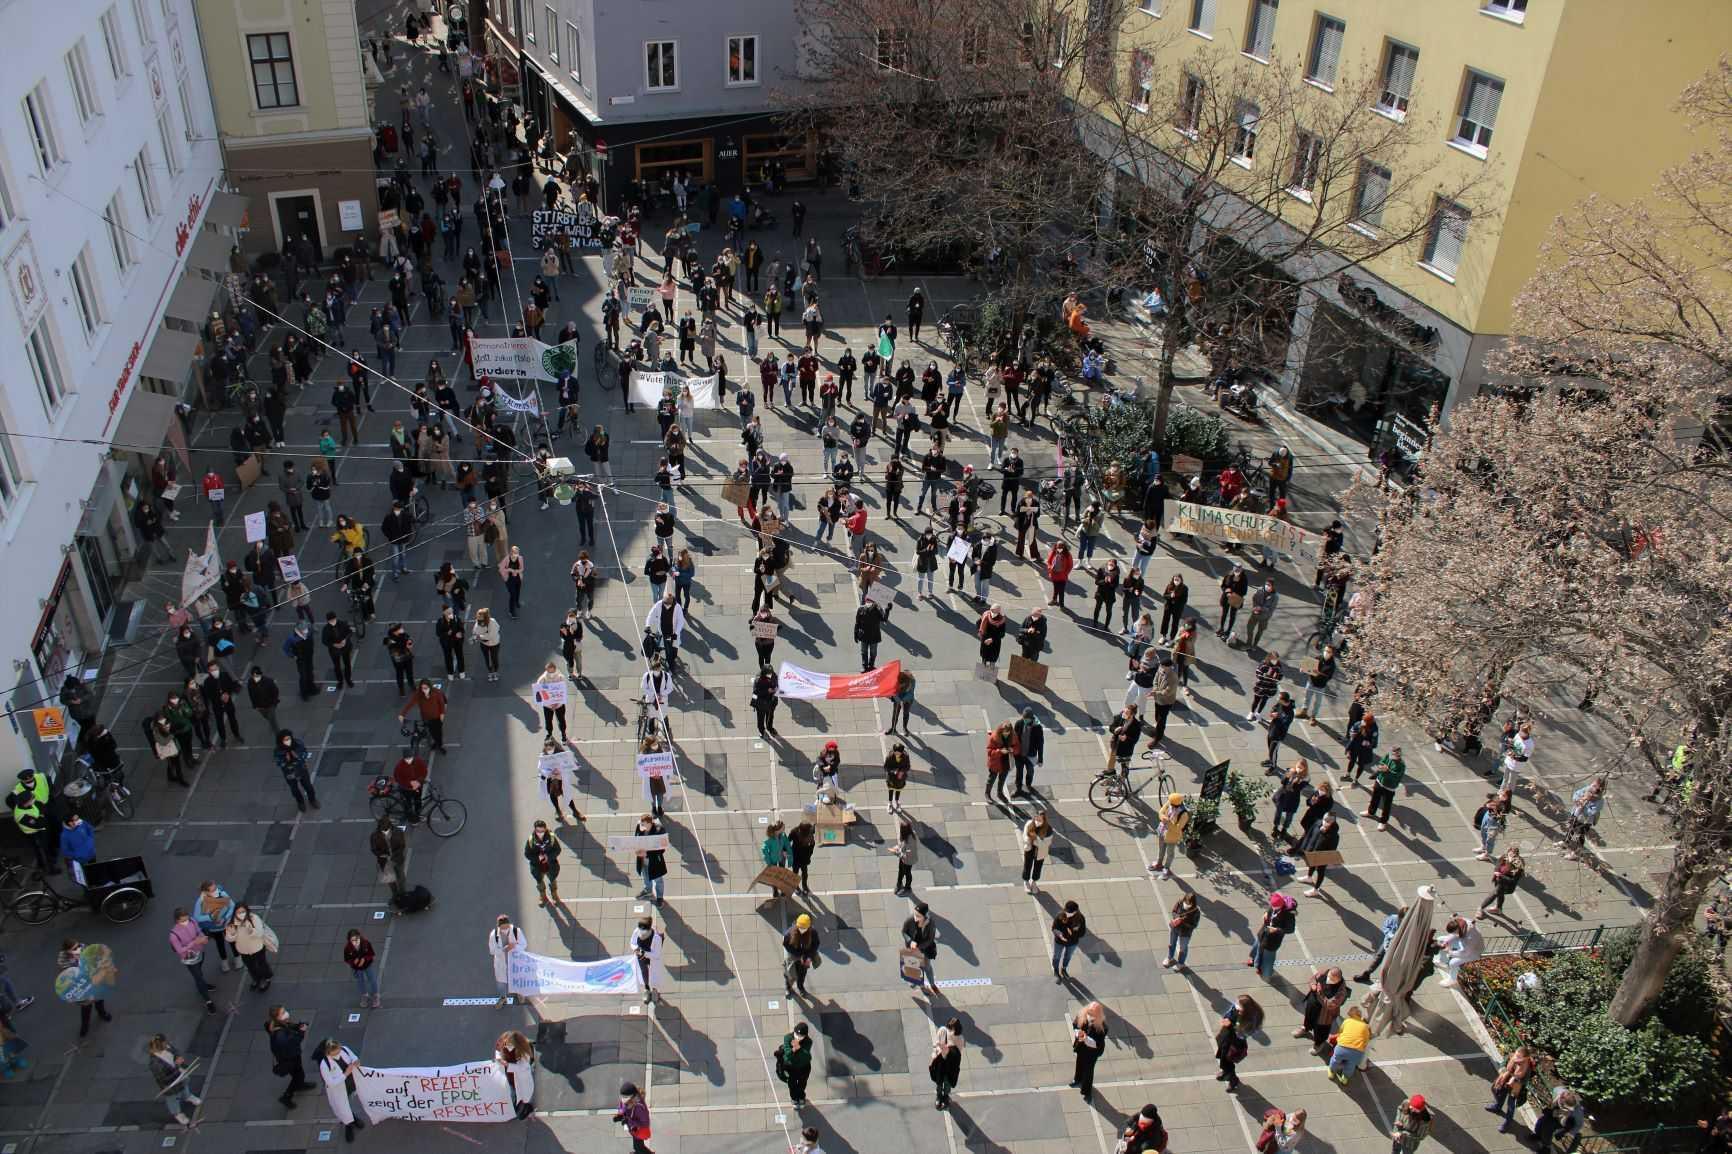 Menschen stehen gleichmäßig auf einem Platz verteilt mit Abstand und Schildern beim weltweiten Klimastreik in Graz